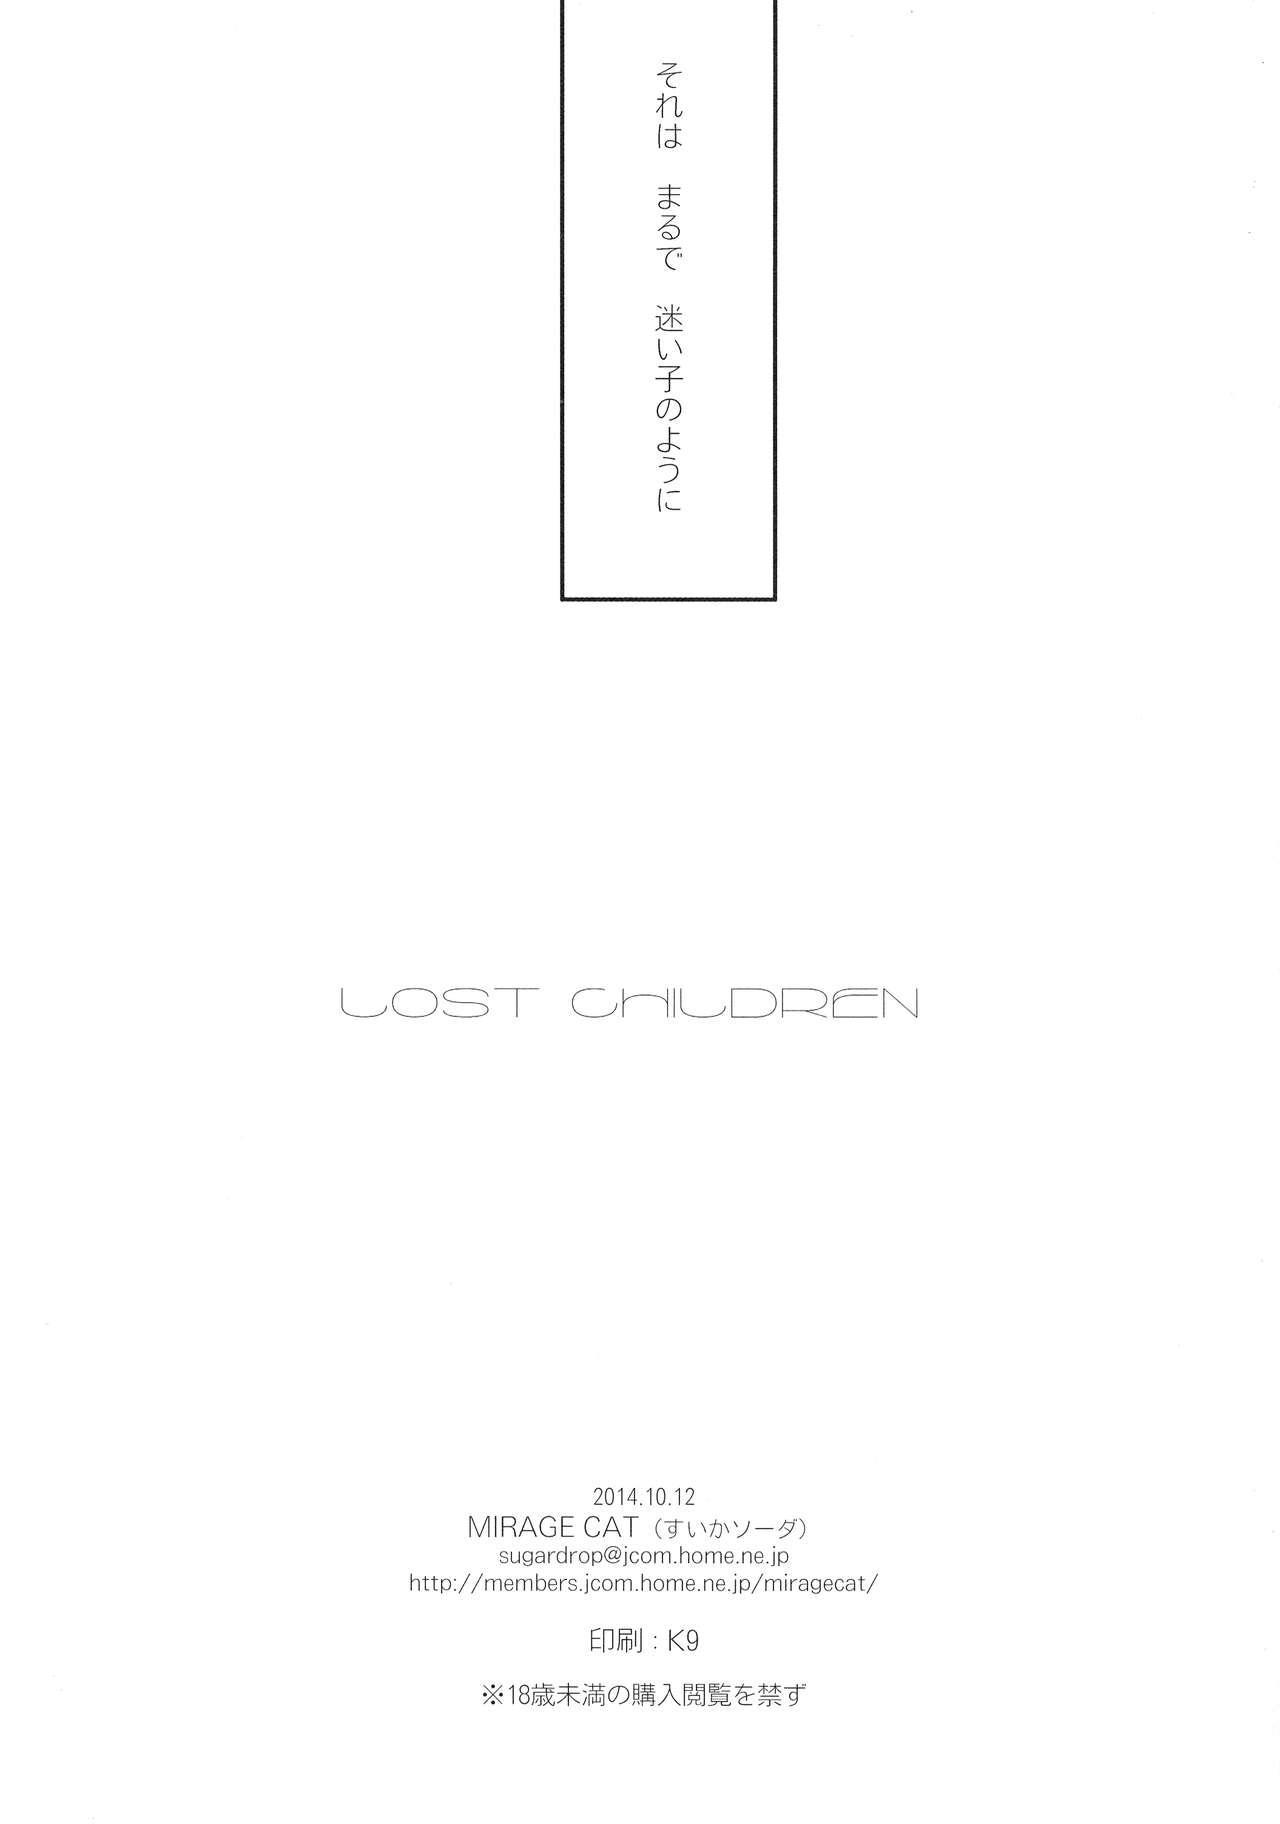 LOST CHILDREN 33